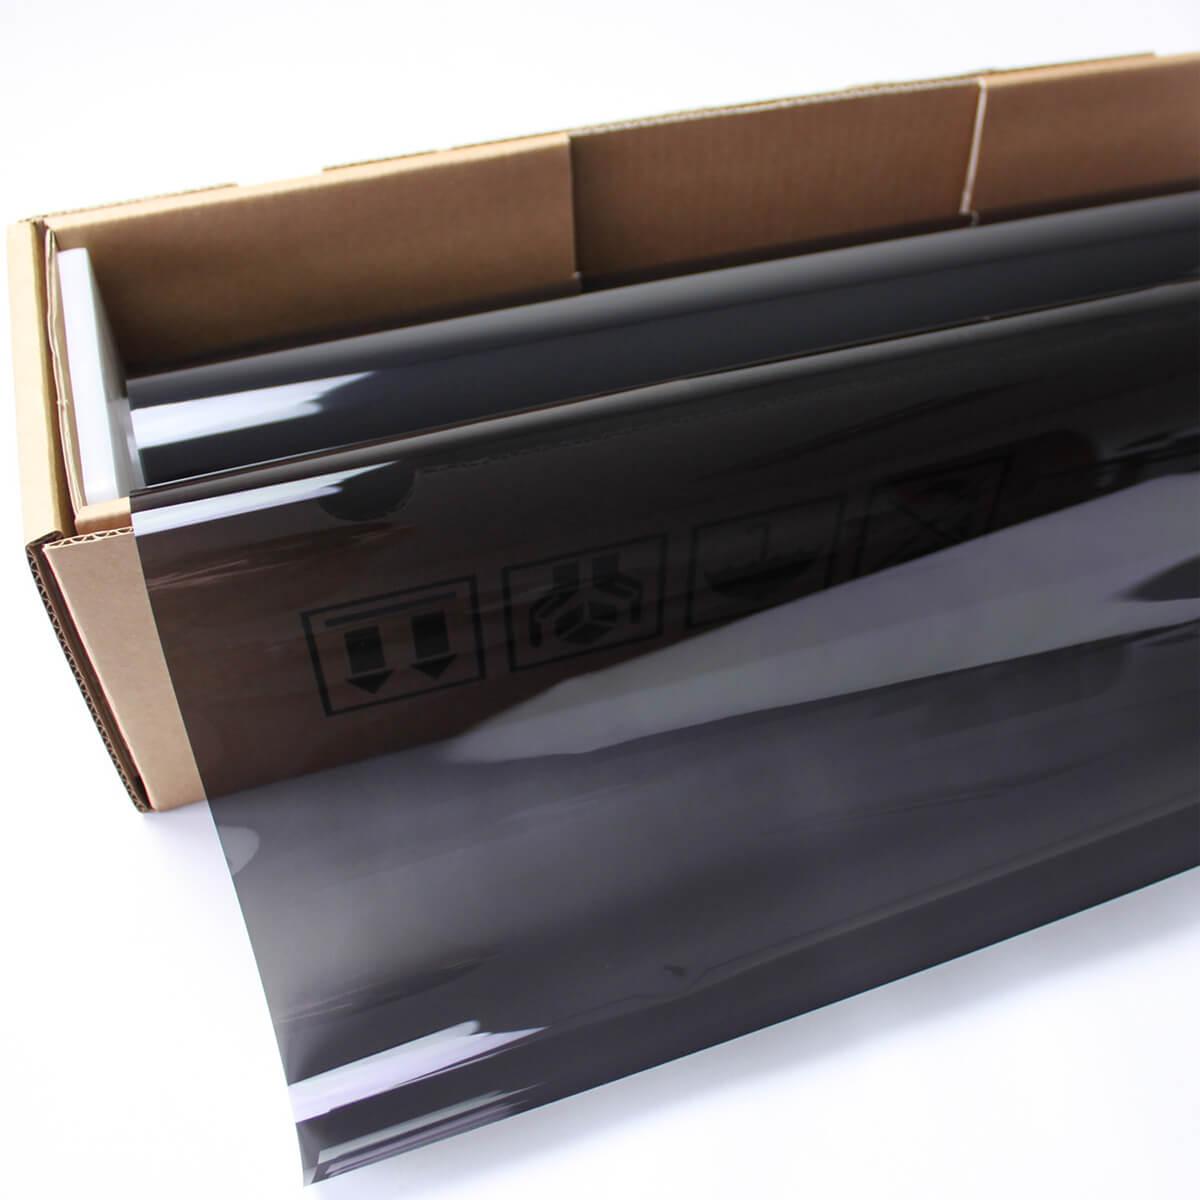 送料無料 カーフィルム 窓ガラスフィルム プロ・スモーク15(15%) 1m幅×30mロール箱売 スモークフィルム 遮熱フィルム 断熱フィルム UVカットフィルム ブレインテック Braintec